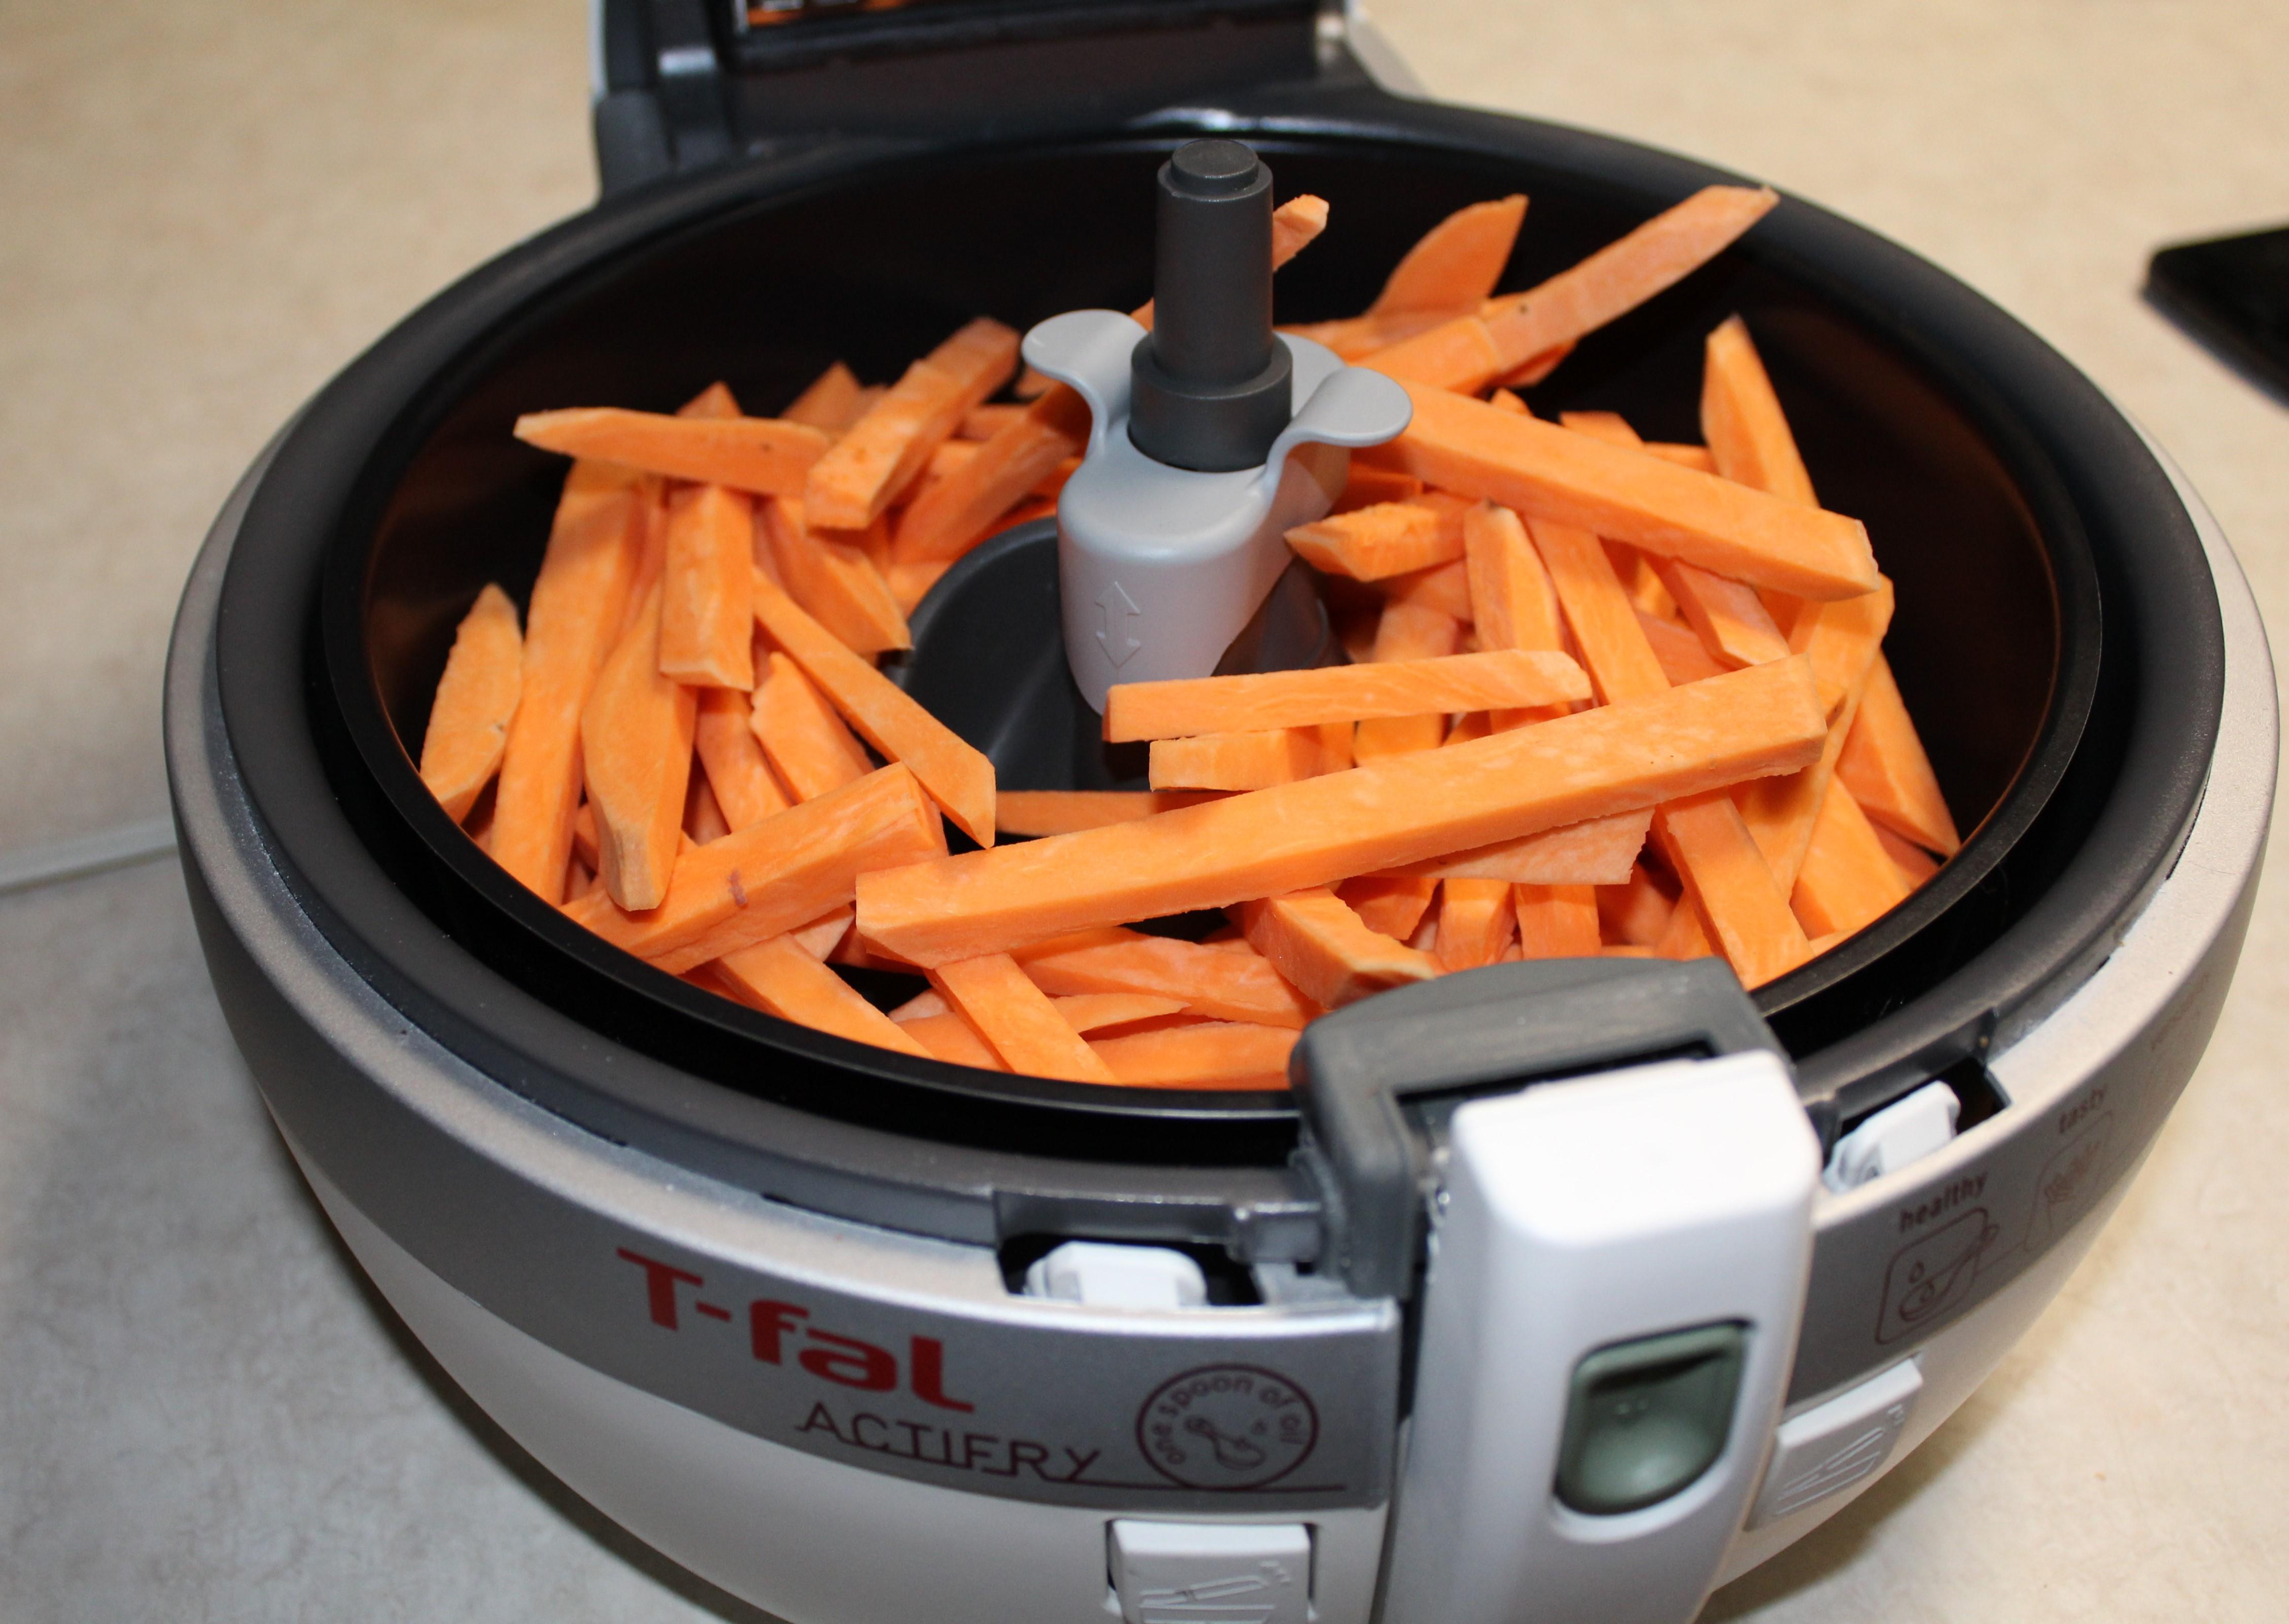 T Fal Actifry Paprika Sweet Potato Fries